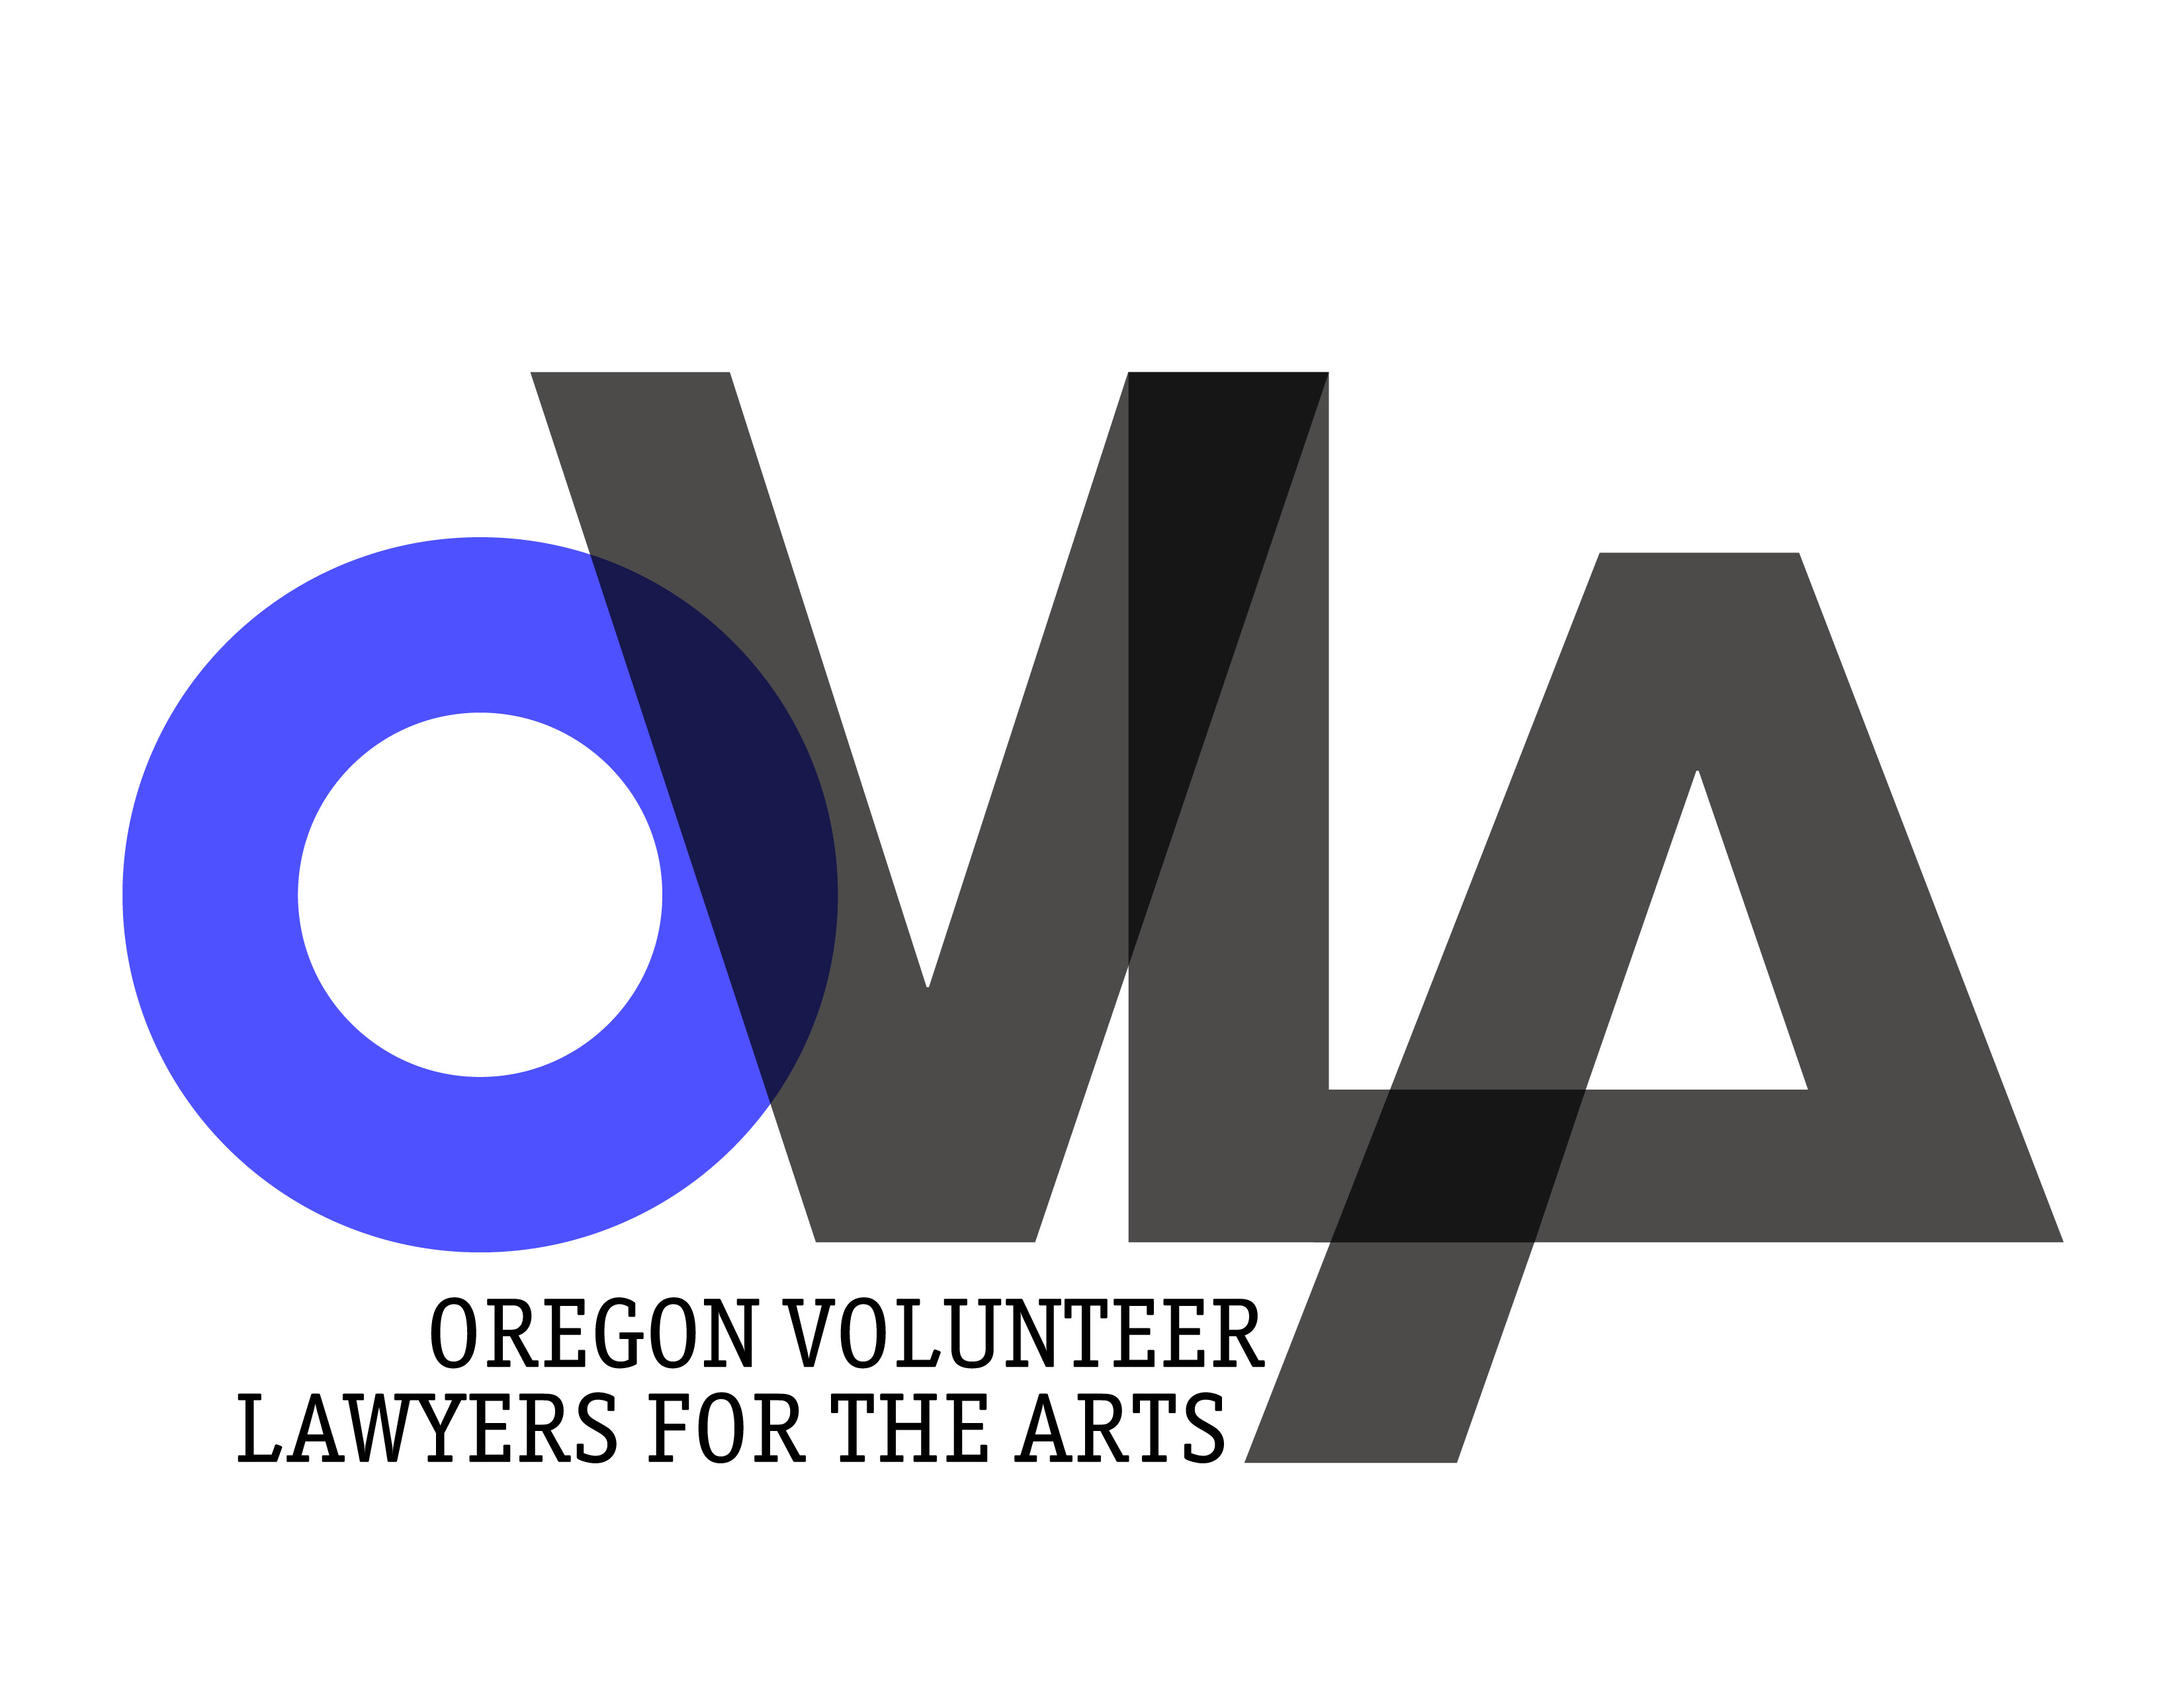 Oregon, Lawyers, Art, Arts, Law, Volunteers